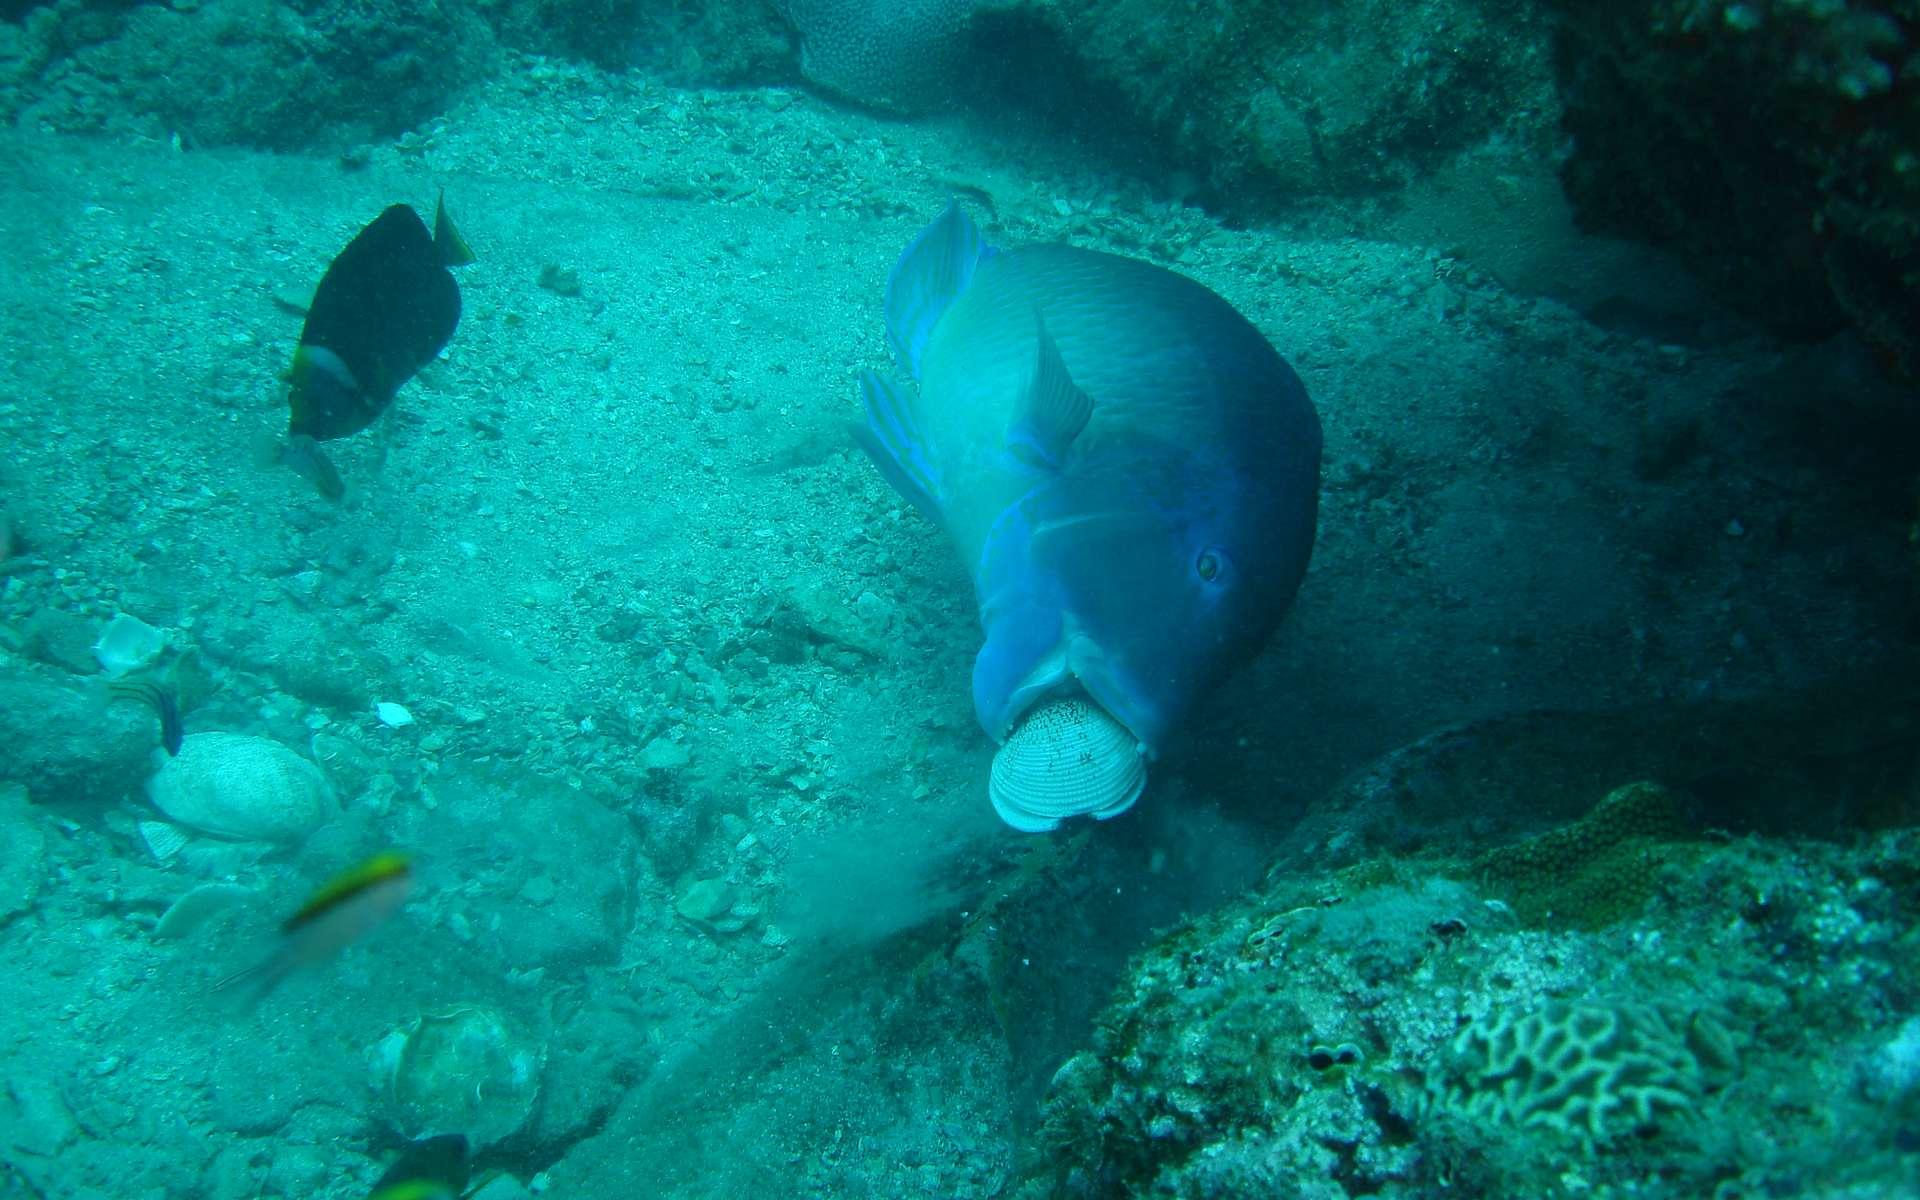 Les poissons sont-ils capables d'utiliser des outils ? Ici, un poisson (Choerodon schoenleinii) utilise un rocher pour casser un coquillage © Scott Gardner